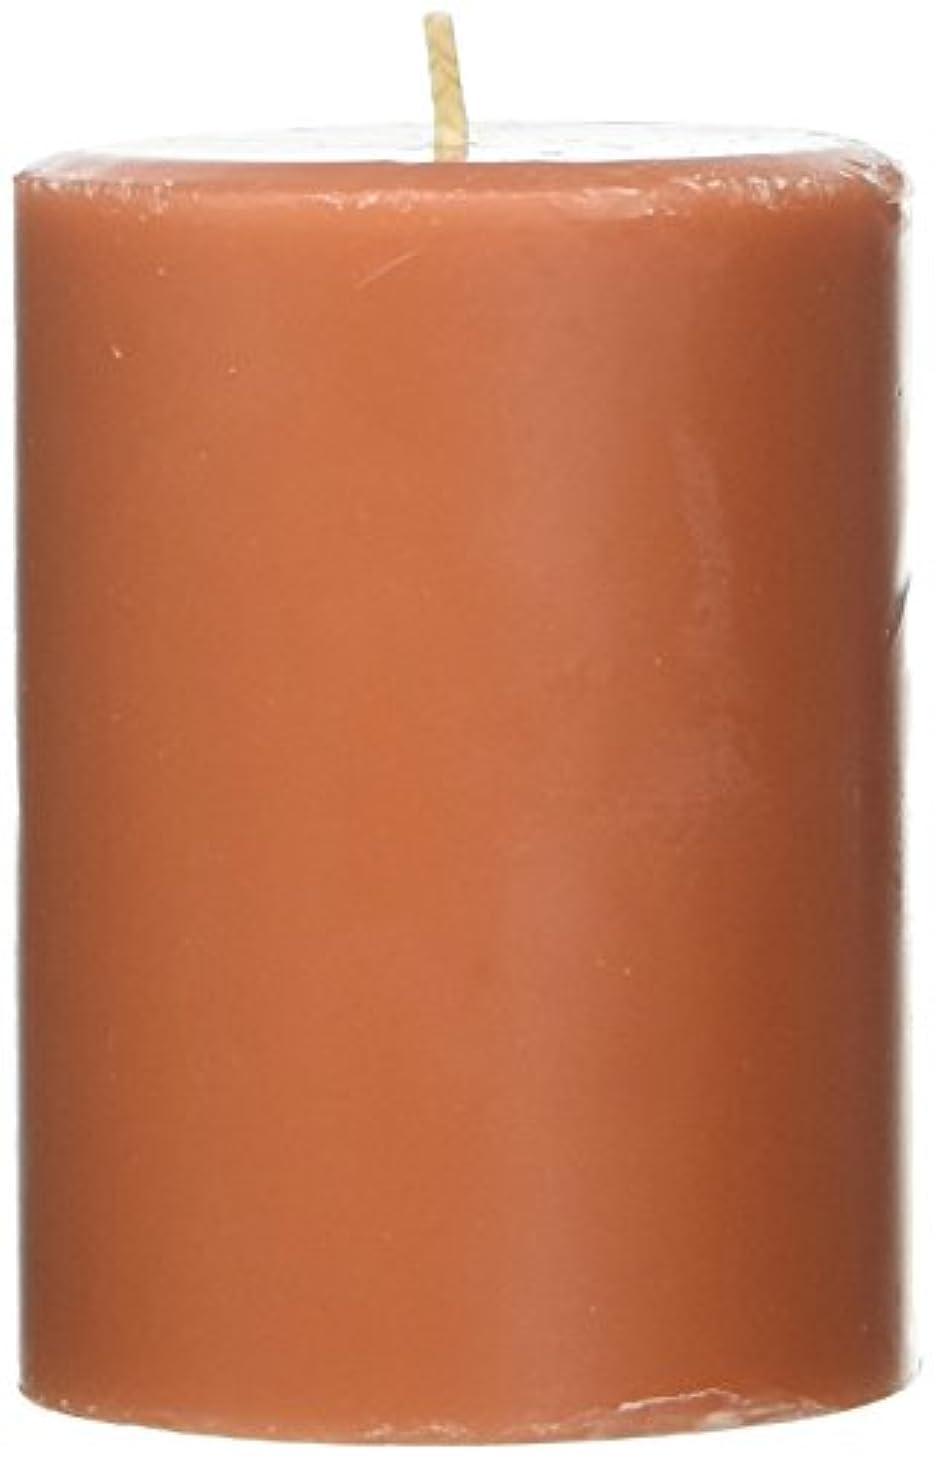 疑問に思うバウンド教科書Northern Lights Candles Roasted Pumpkin FragranceパレットPillar Candle、3 x 4